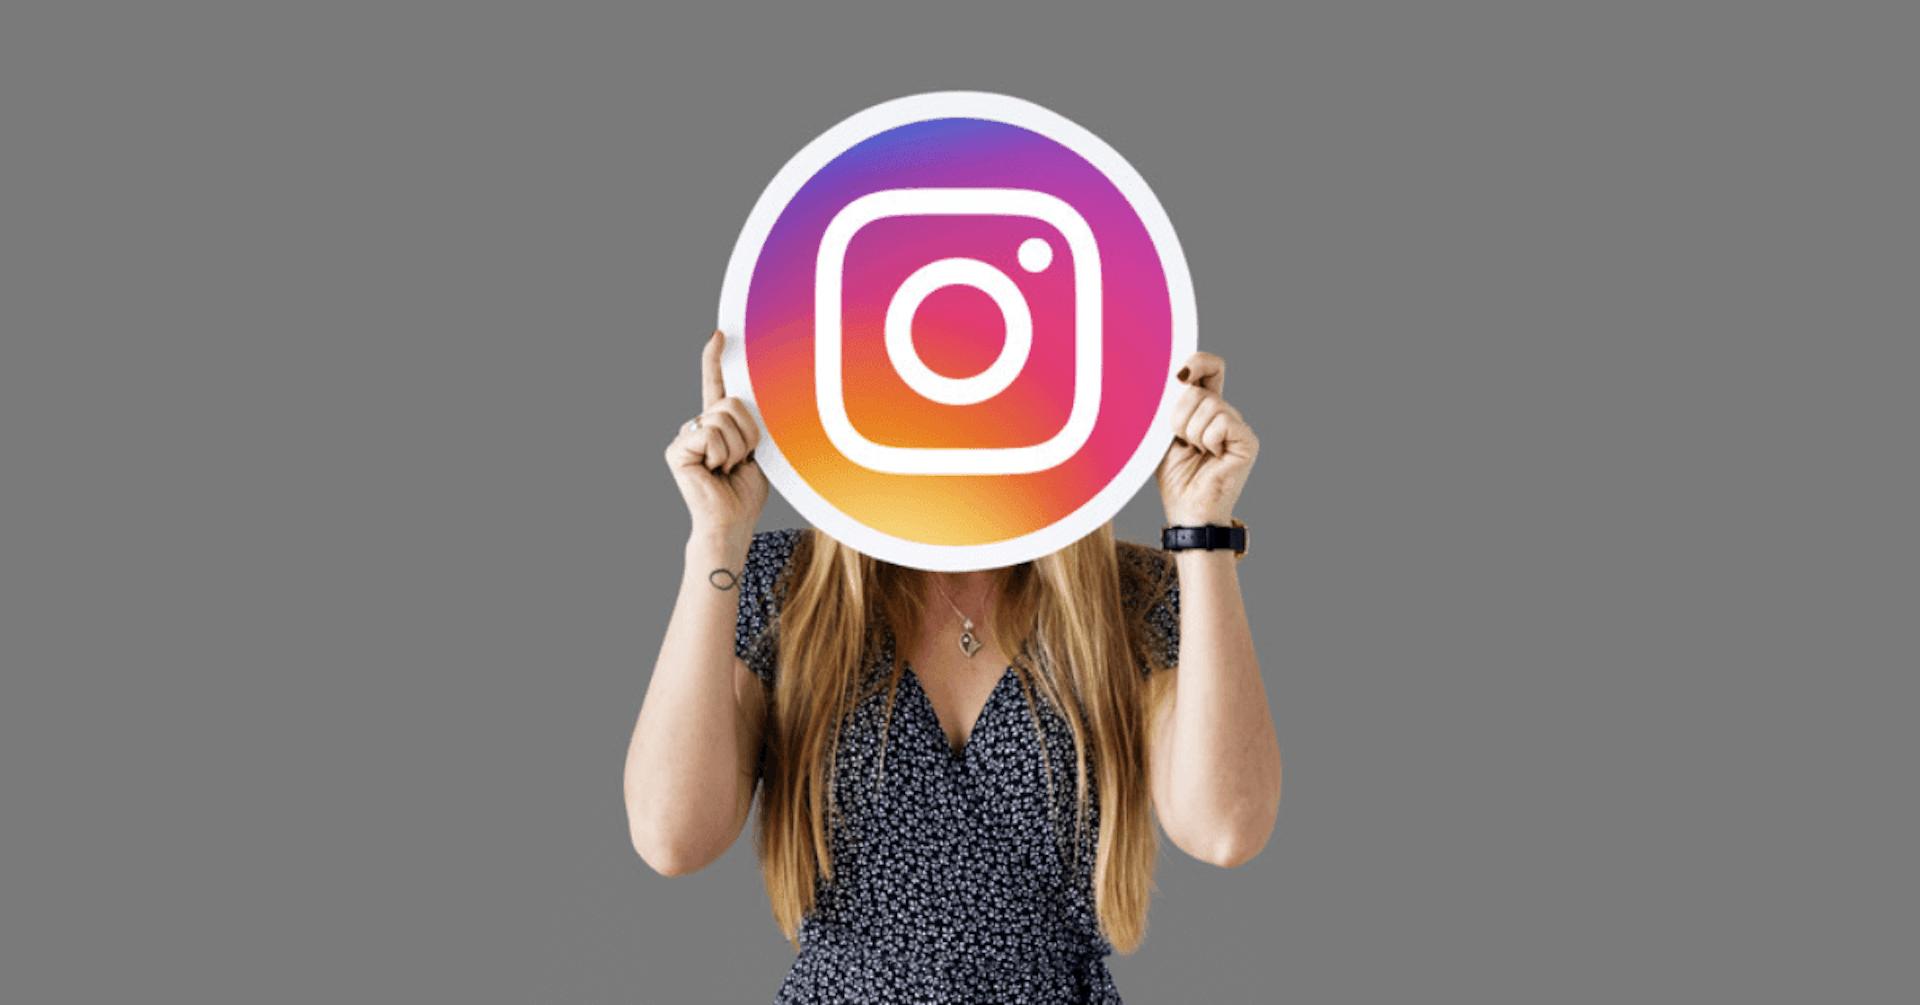 ¿Cómo verificar una cuenta de Instagram? Sigue estos pasos